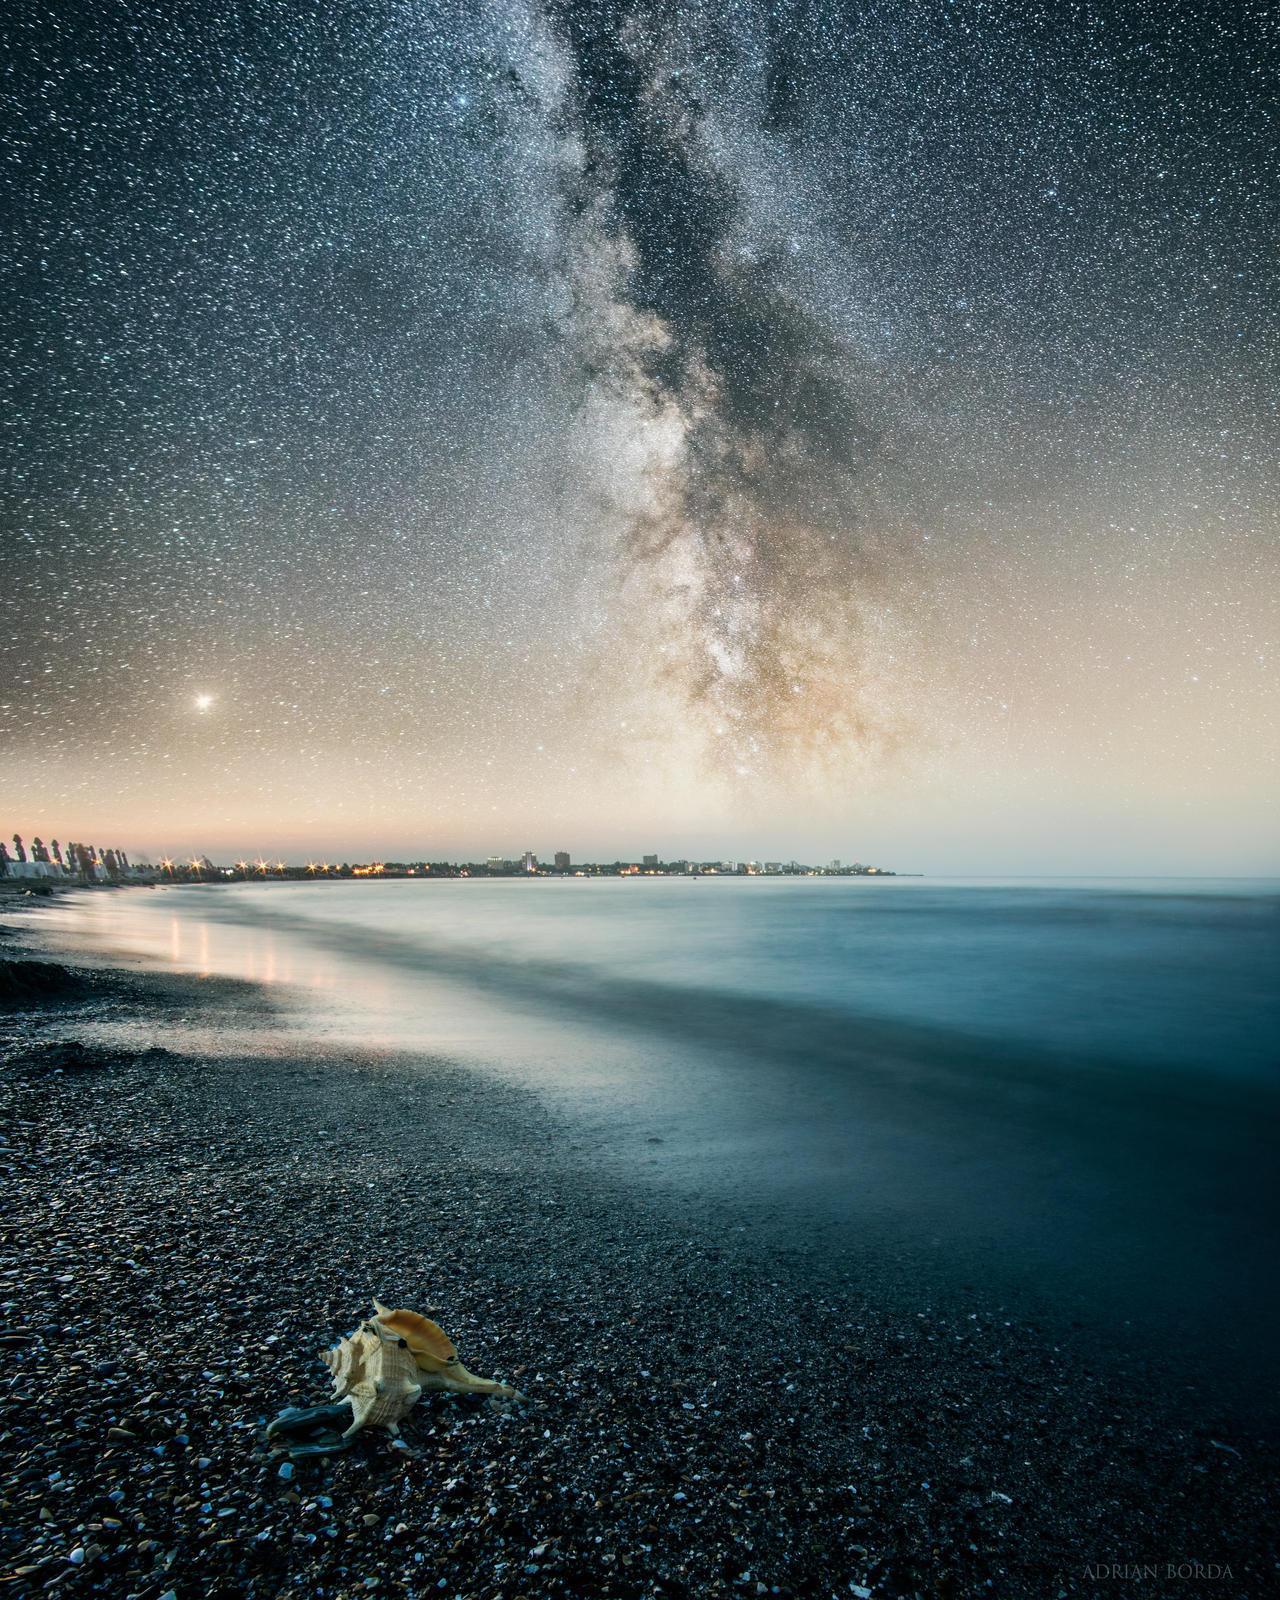 Stardust by borda